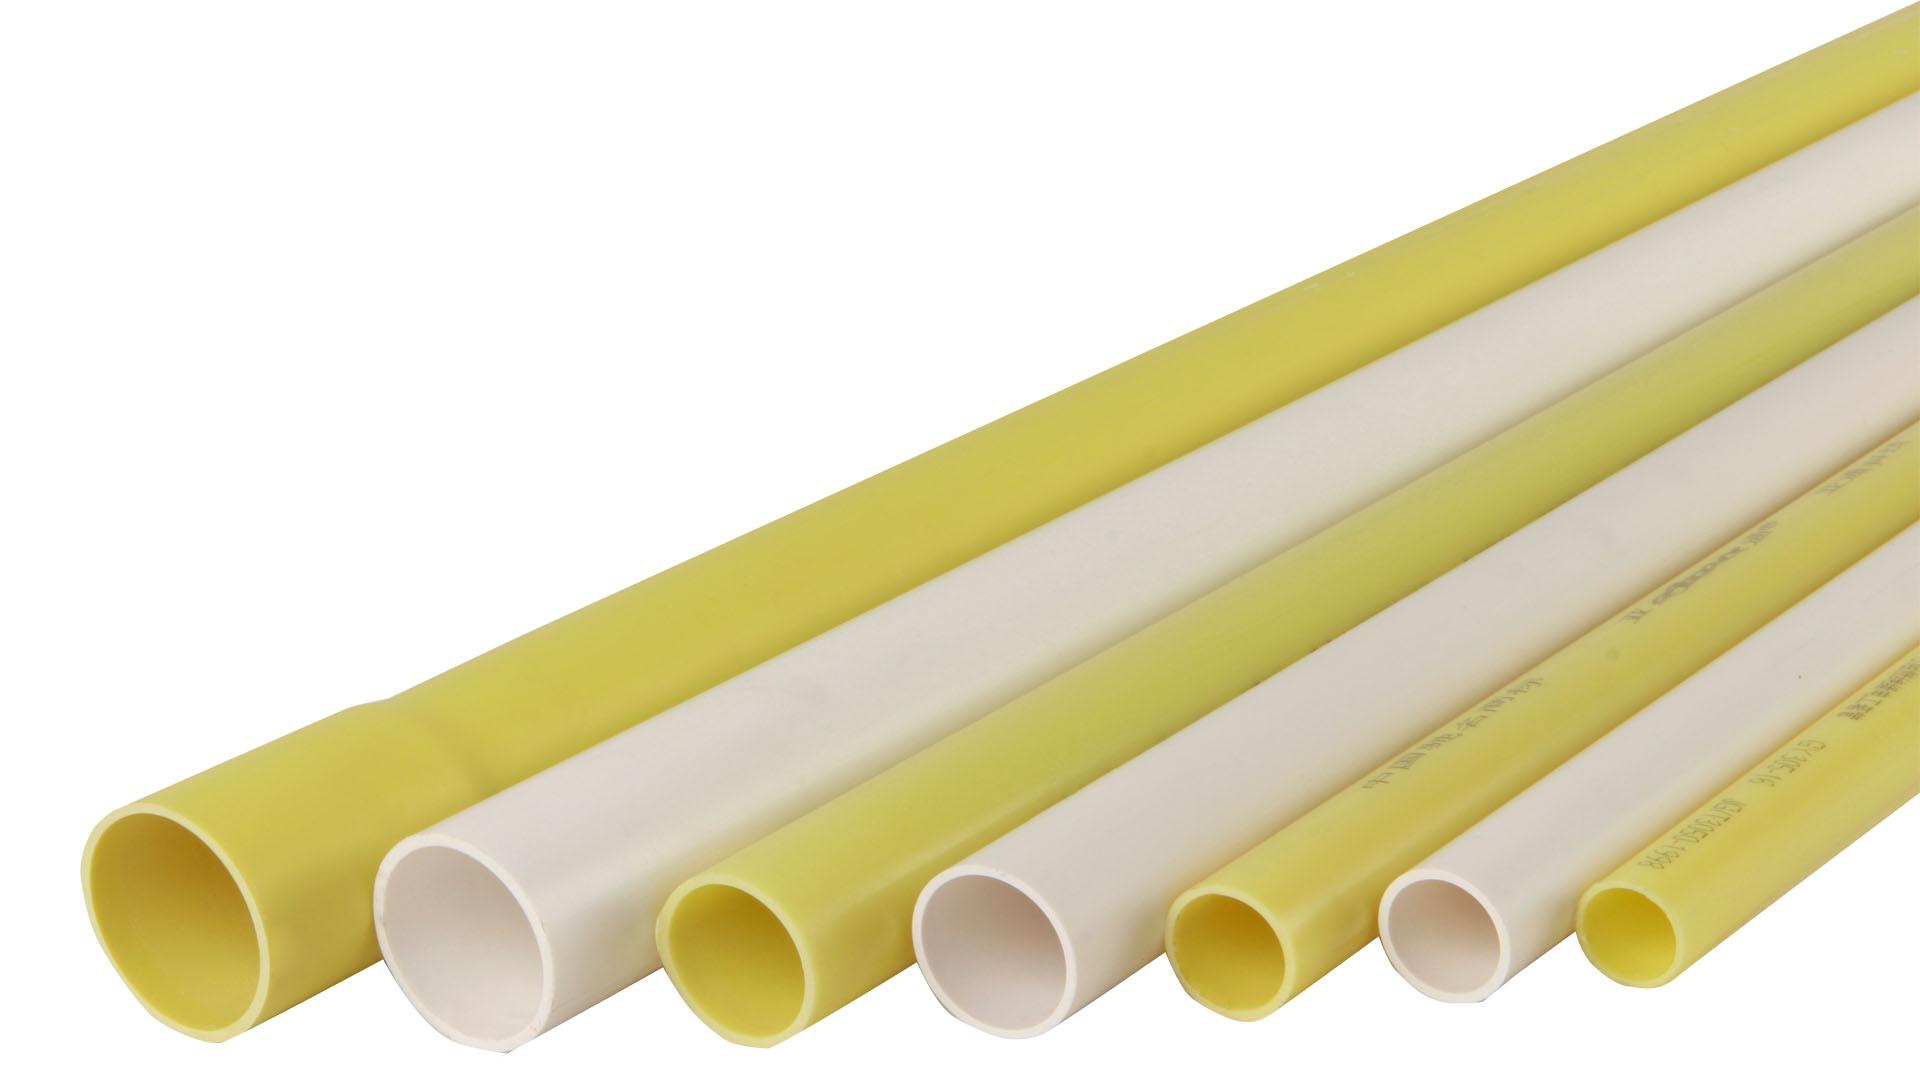 ①、建筑用绝缘(PVC-U)电工套管